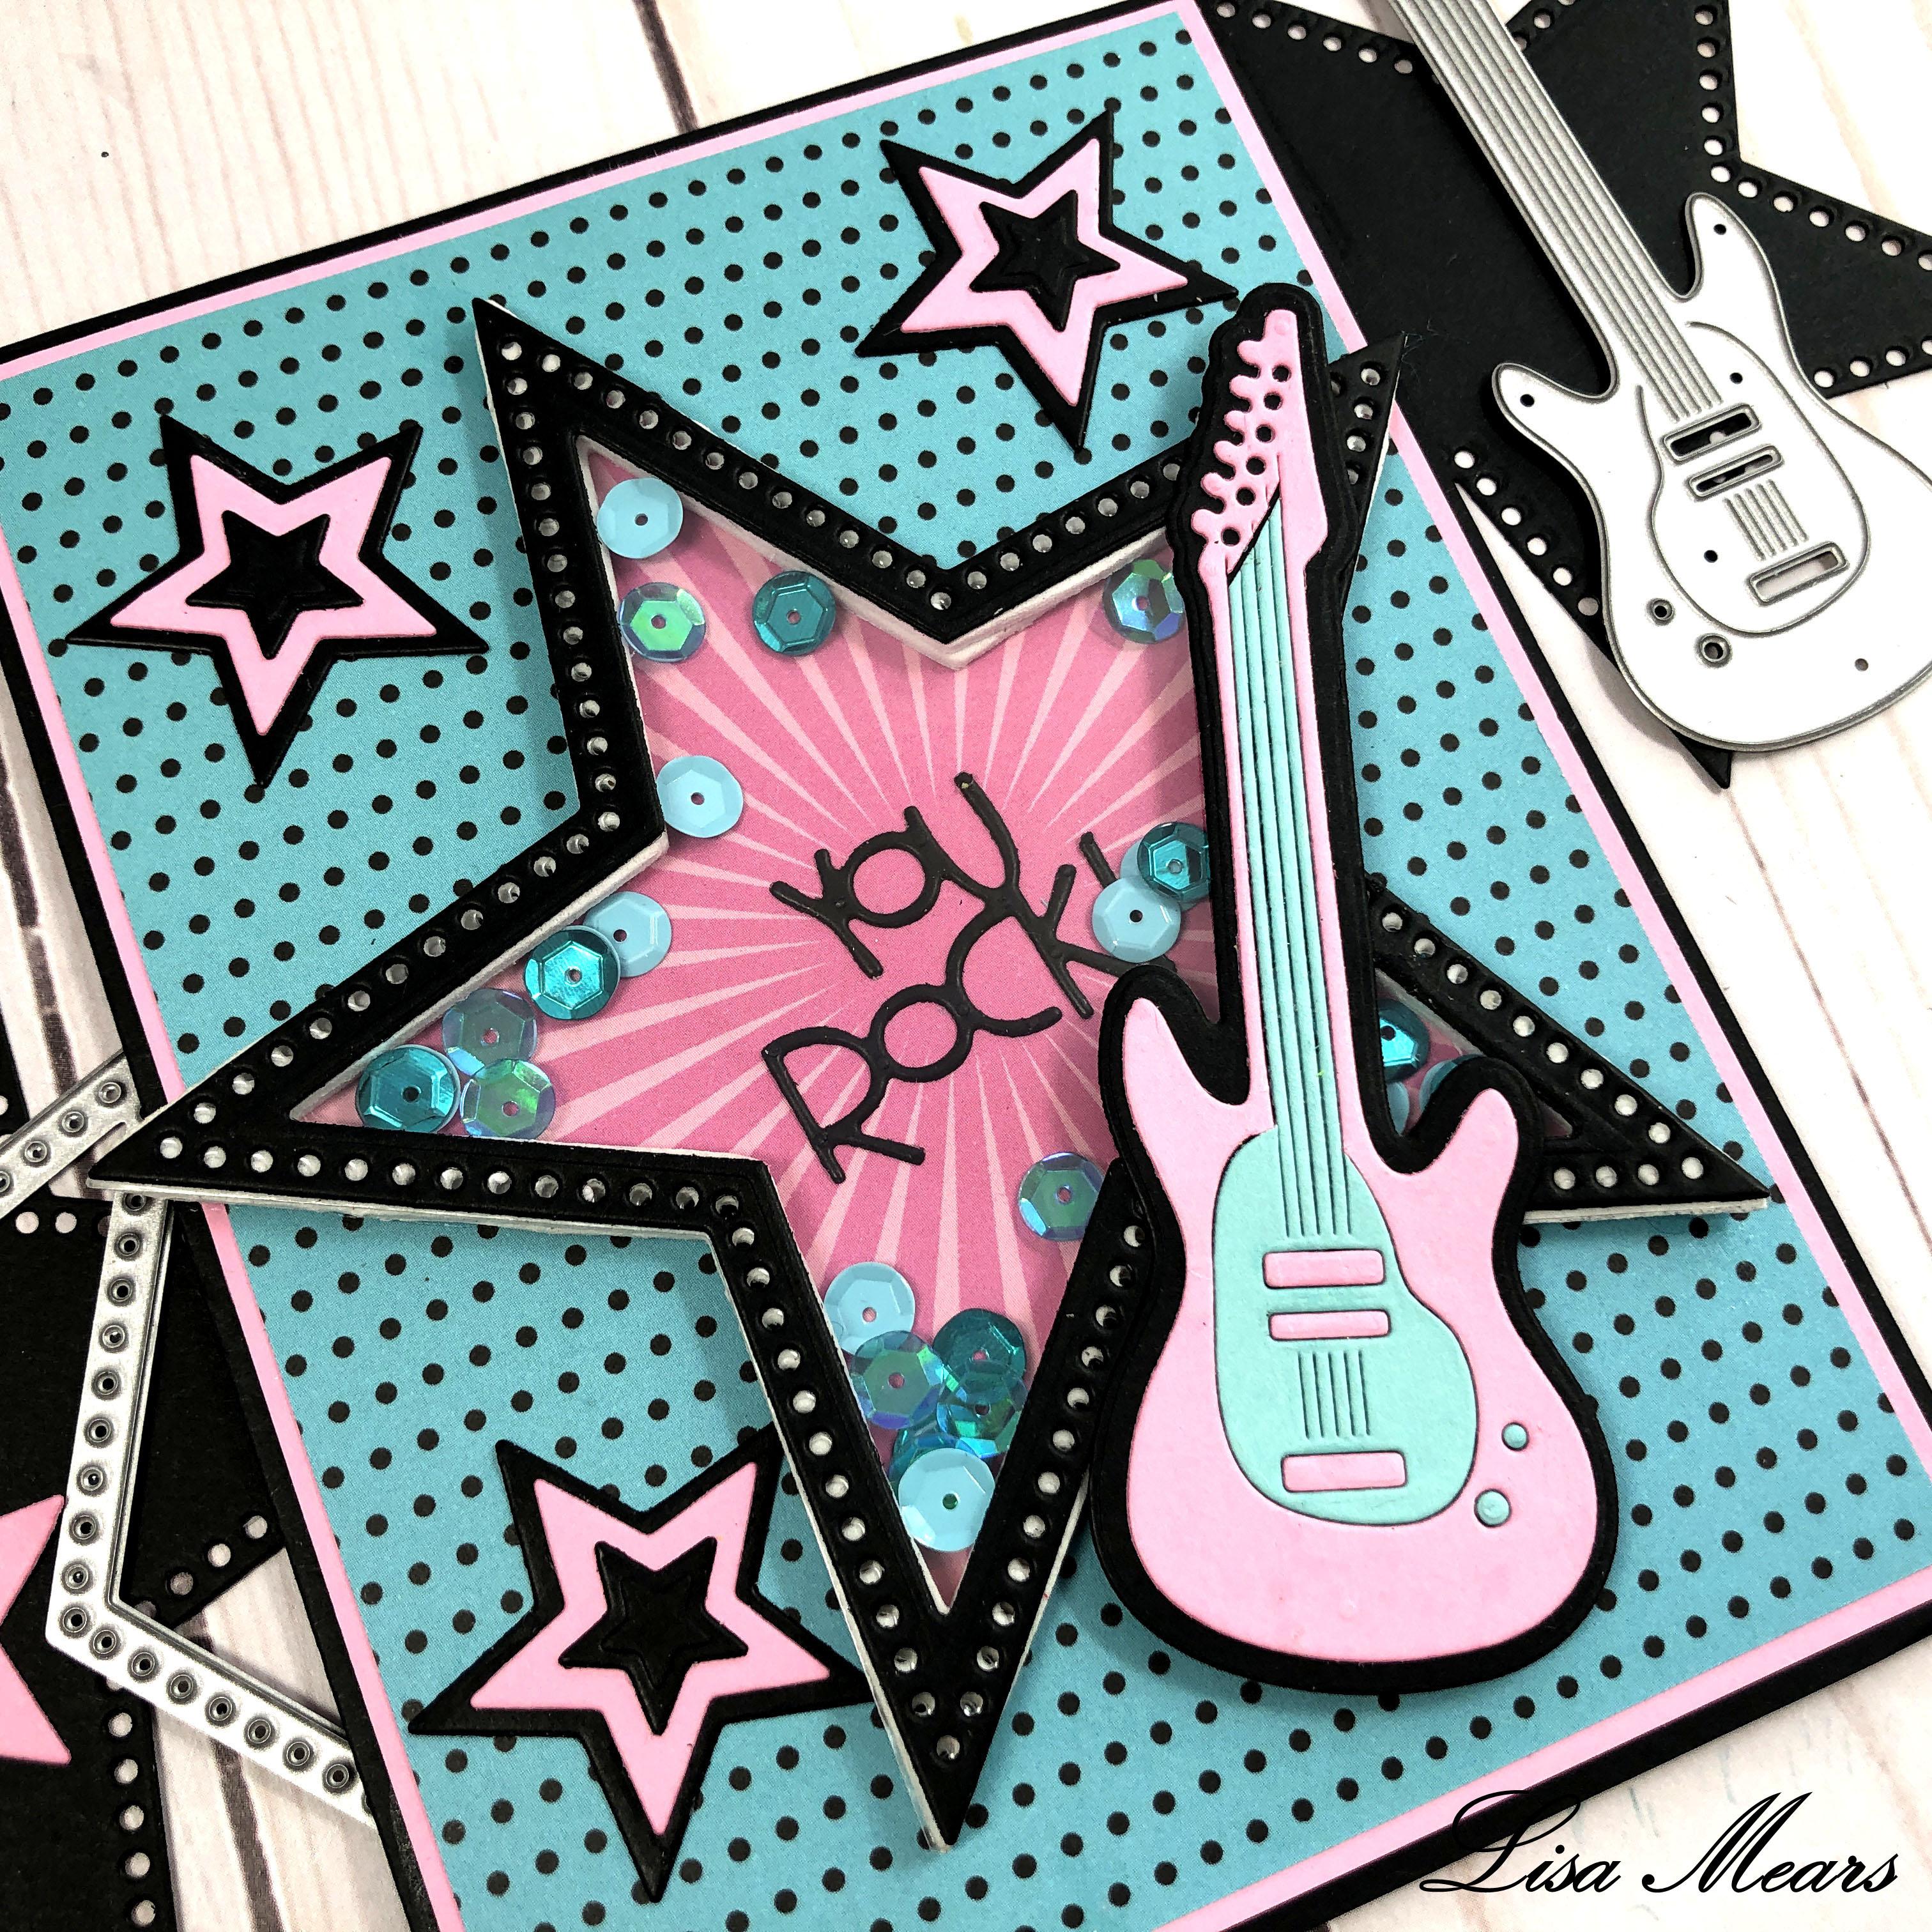 Guitar Shaker Card